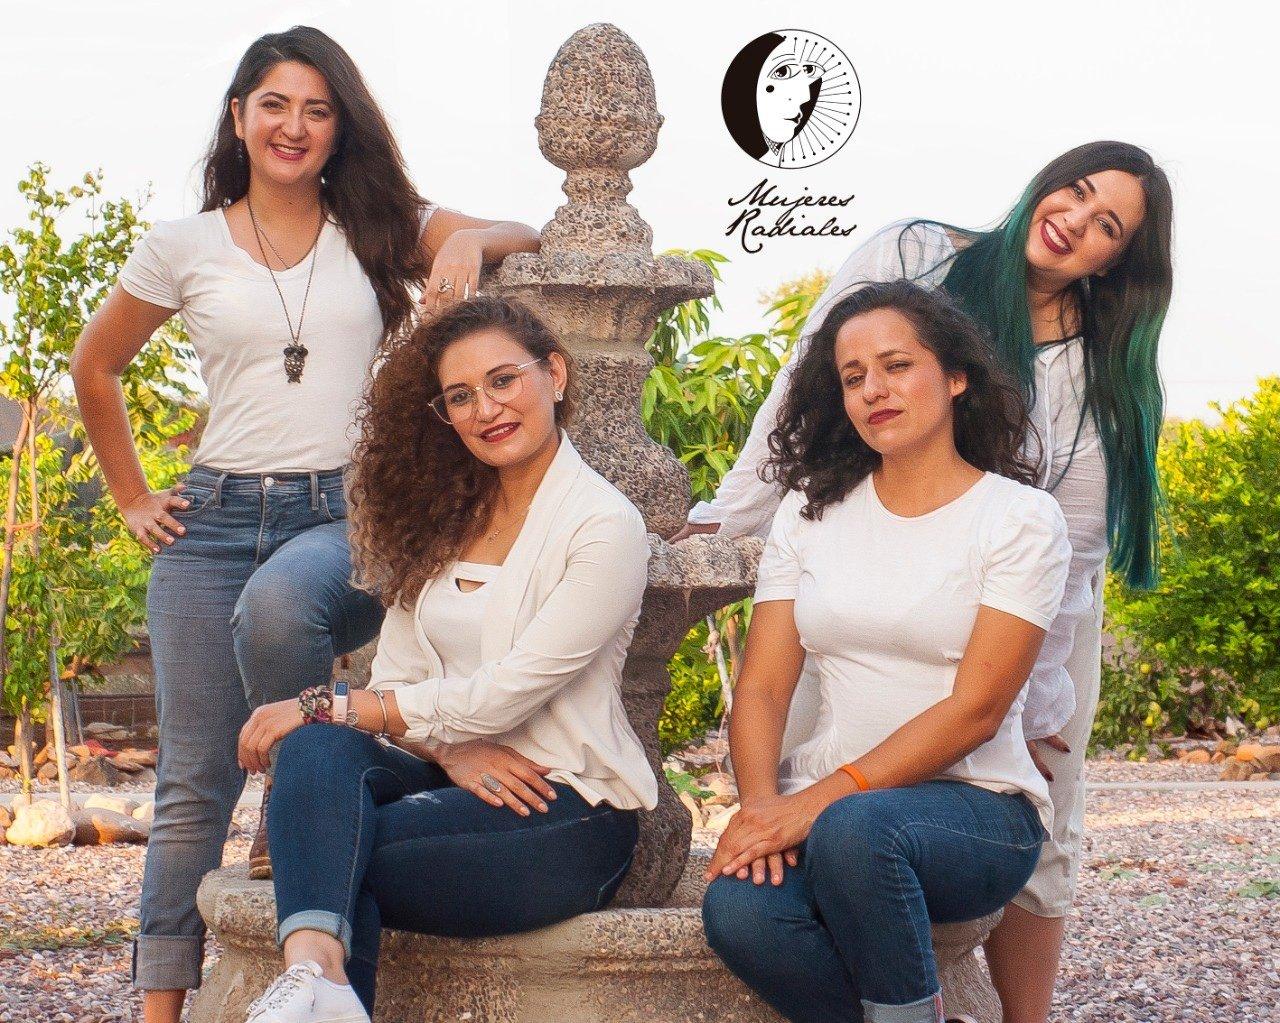 Cuatro mujeres con blusa color blanca en una fuente de agua; mujeres radiales